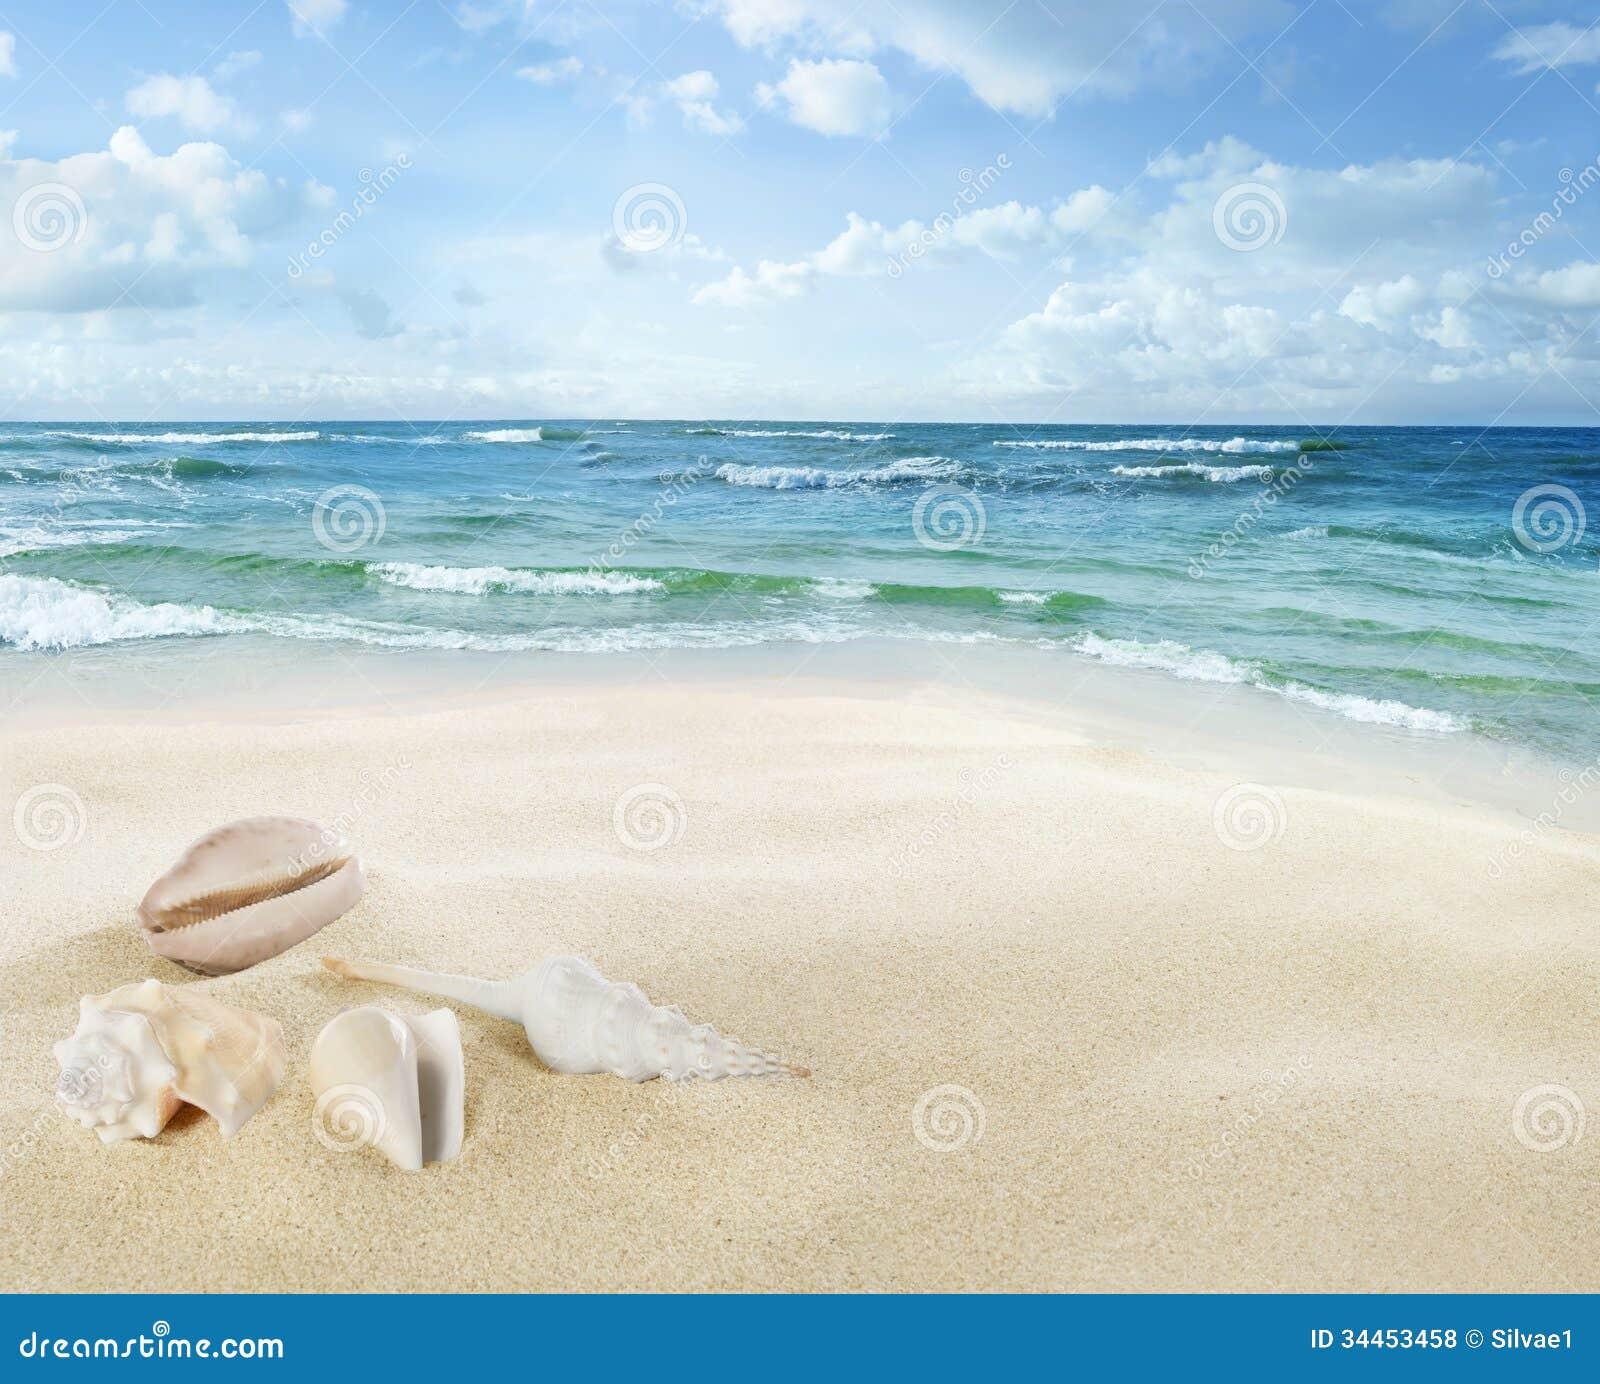 Vista del paisaje marino